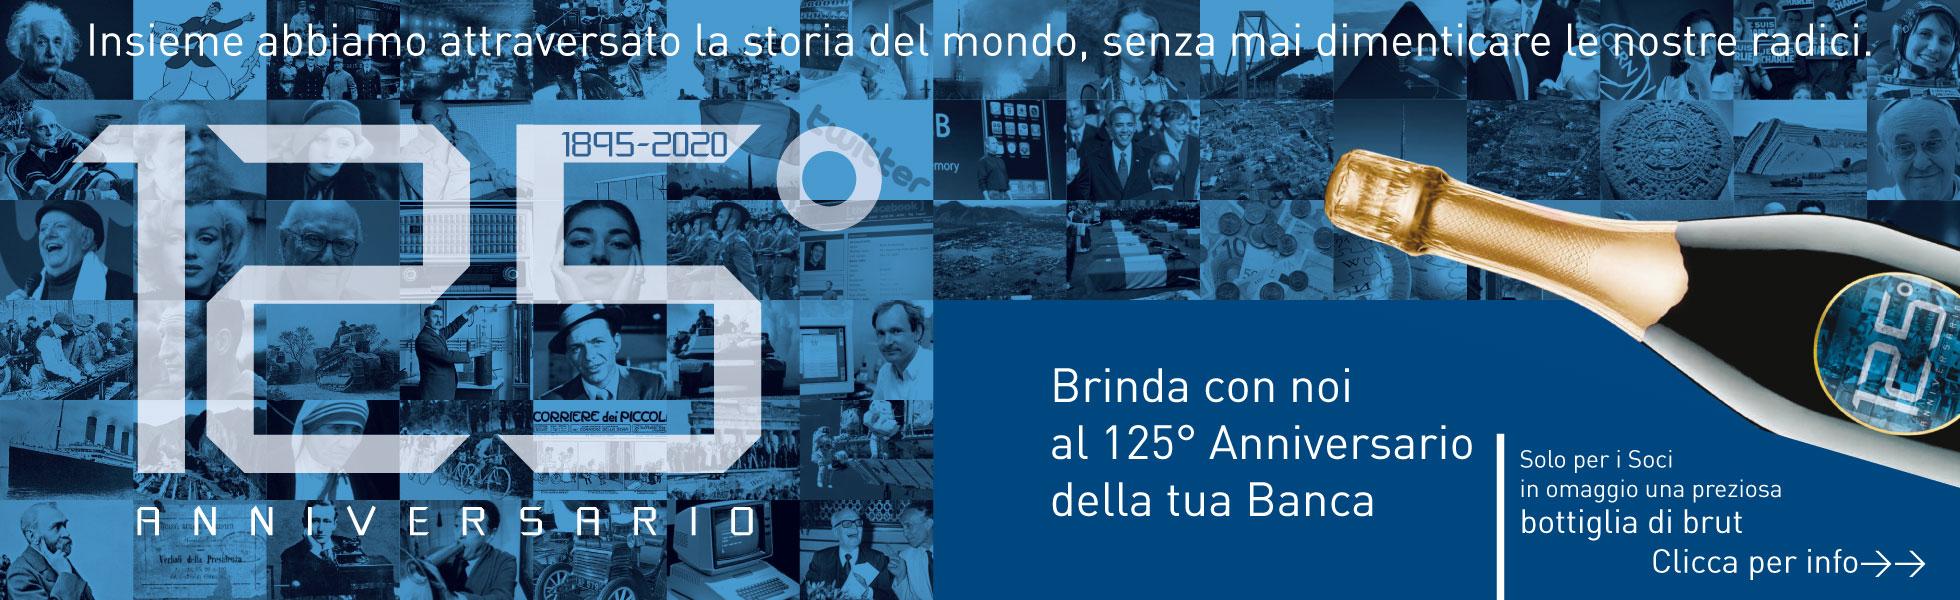 Banner 125 anniversario